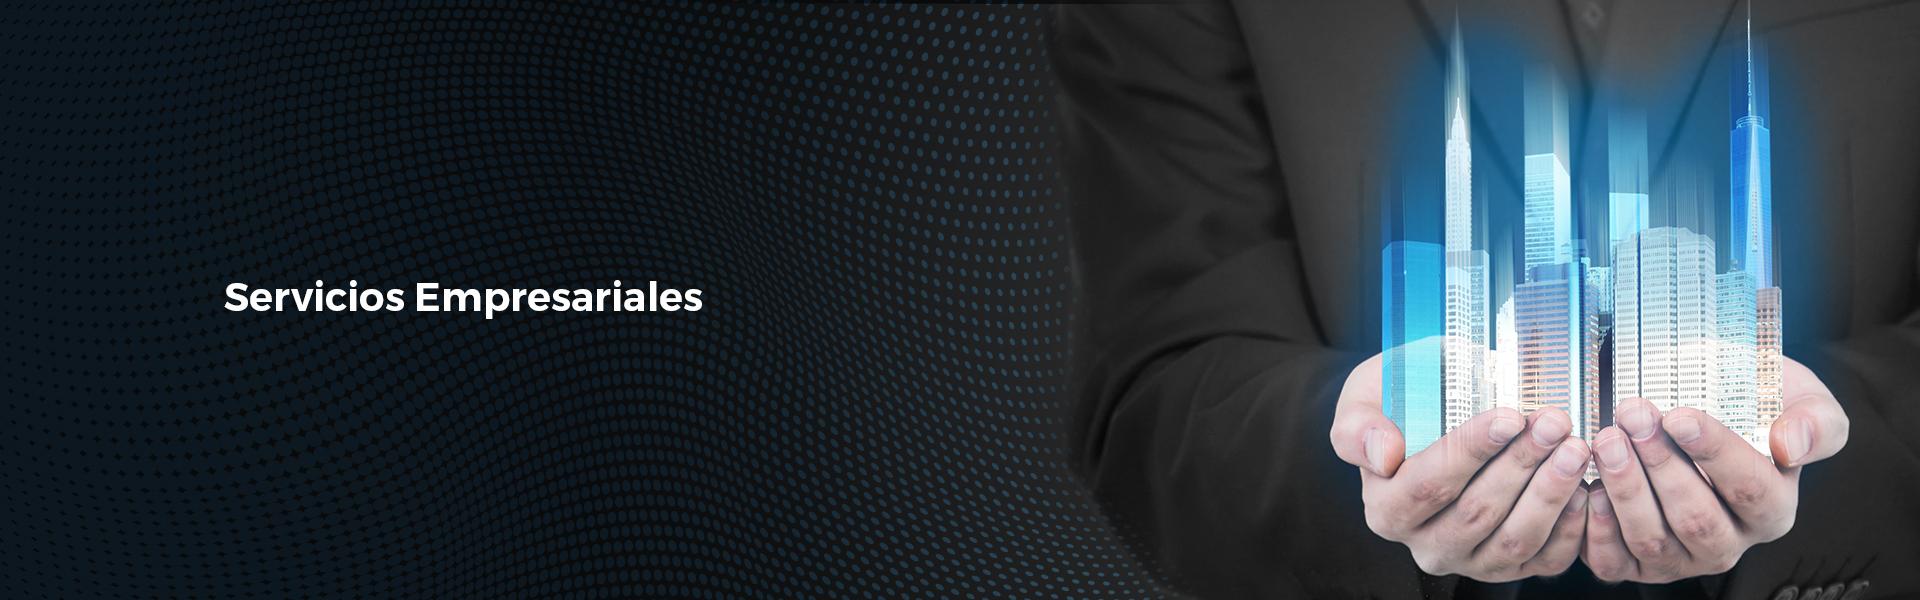 slide-servicios-empresariales